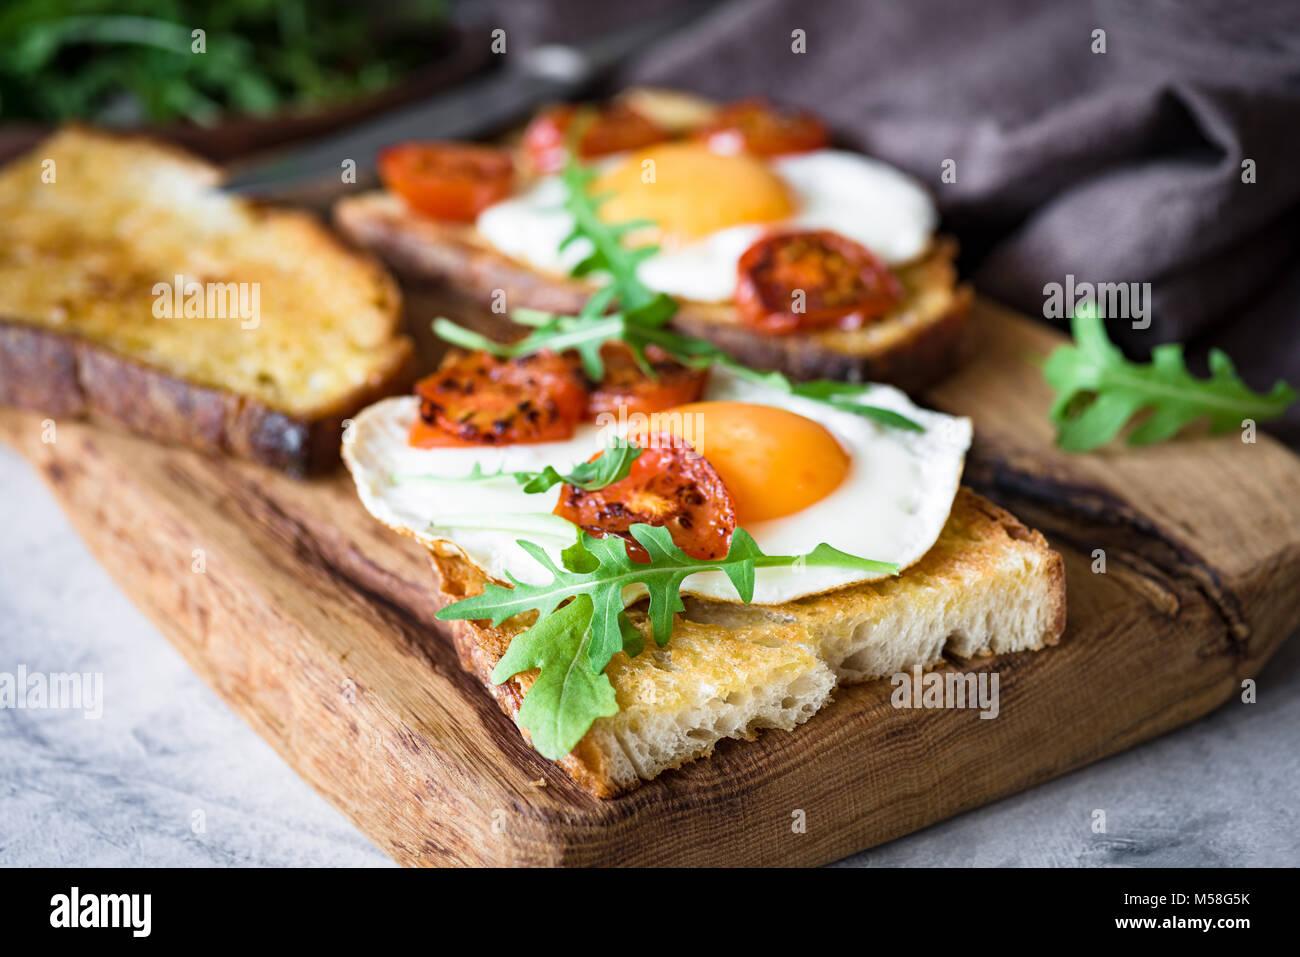 Petit-déjeuner sain avec des œufs, du pain grillé et tomates rôties roquette sur planche à découper en bois rustique. Banque D'Images